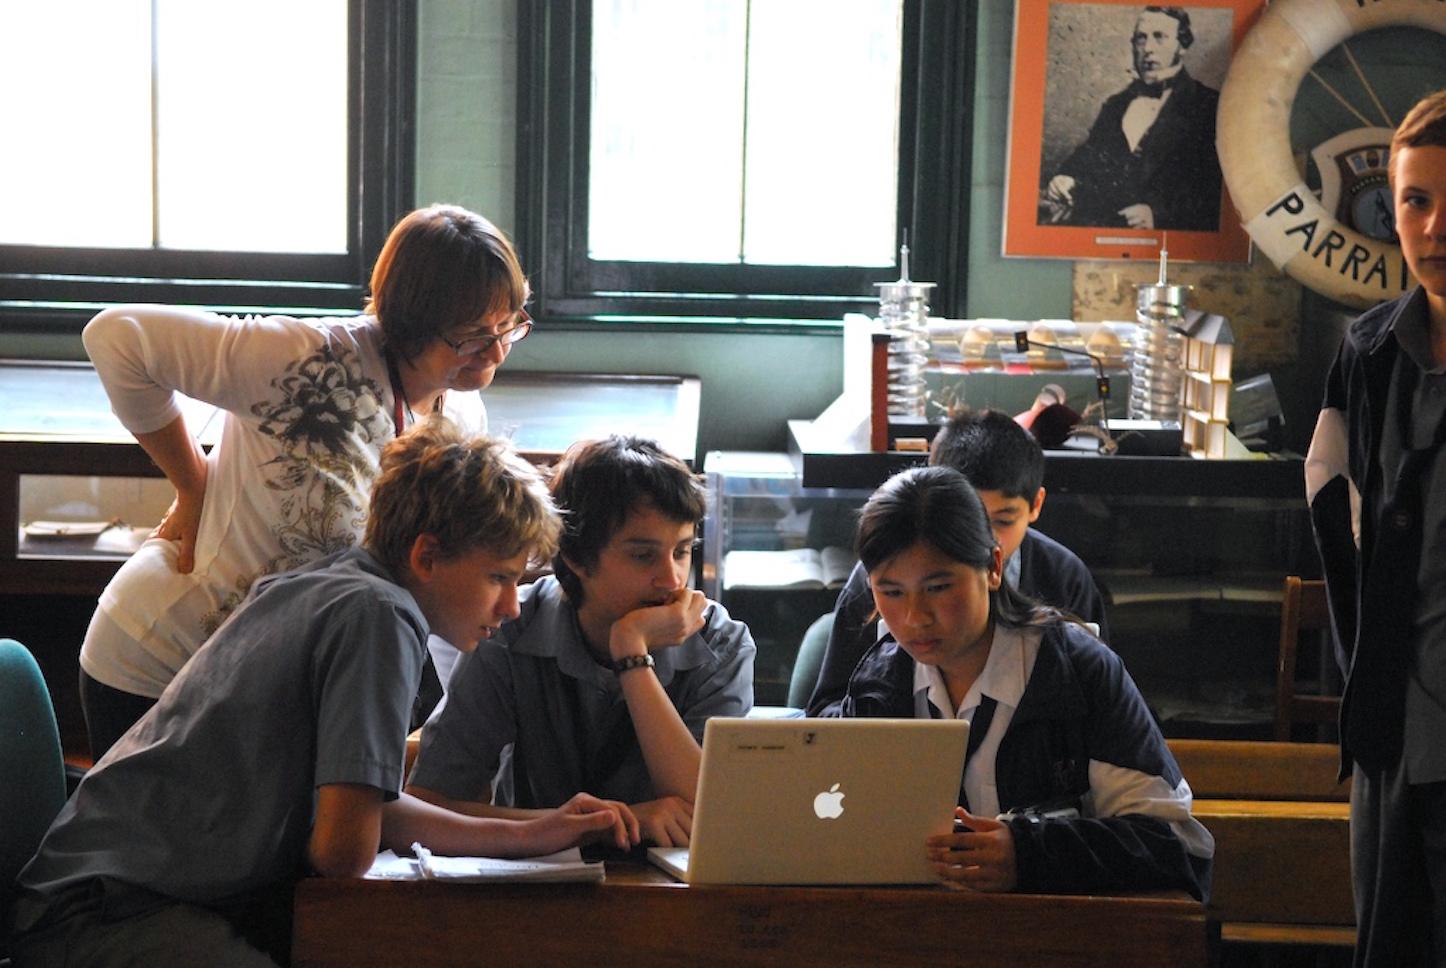 学割 apple Appleがお得な学割プランを発表!iPad、Macが対象で2021年4月7日までの新学期セール